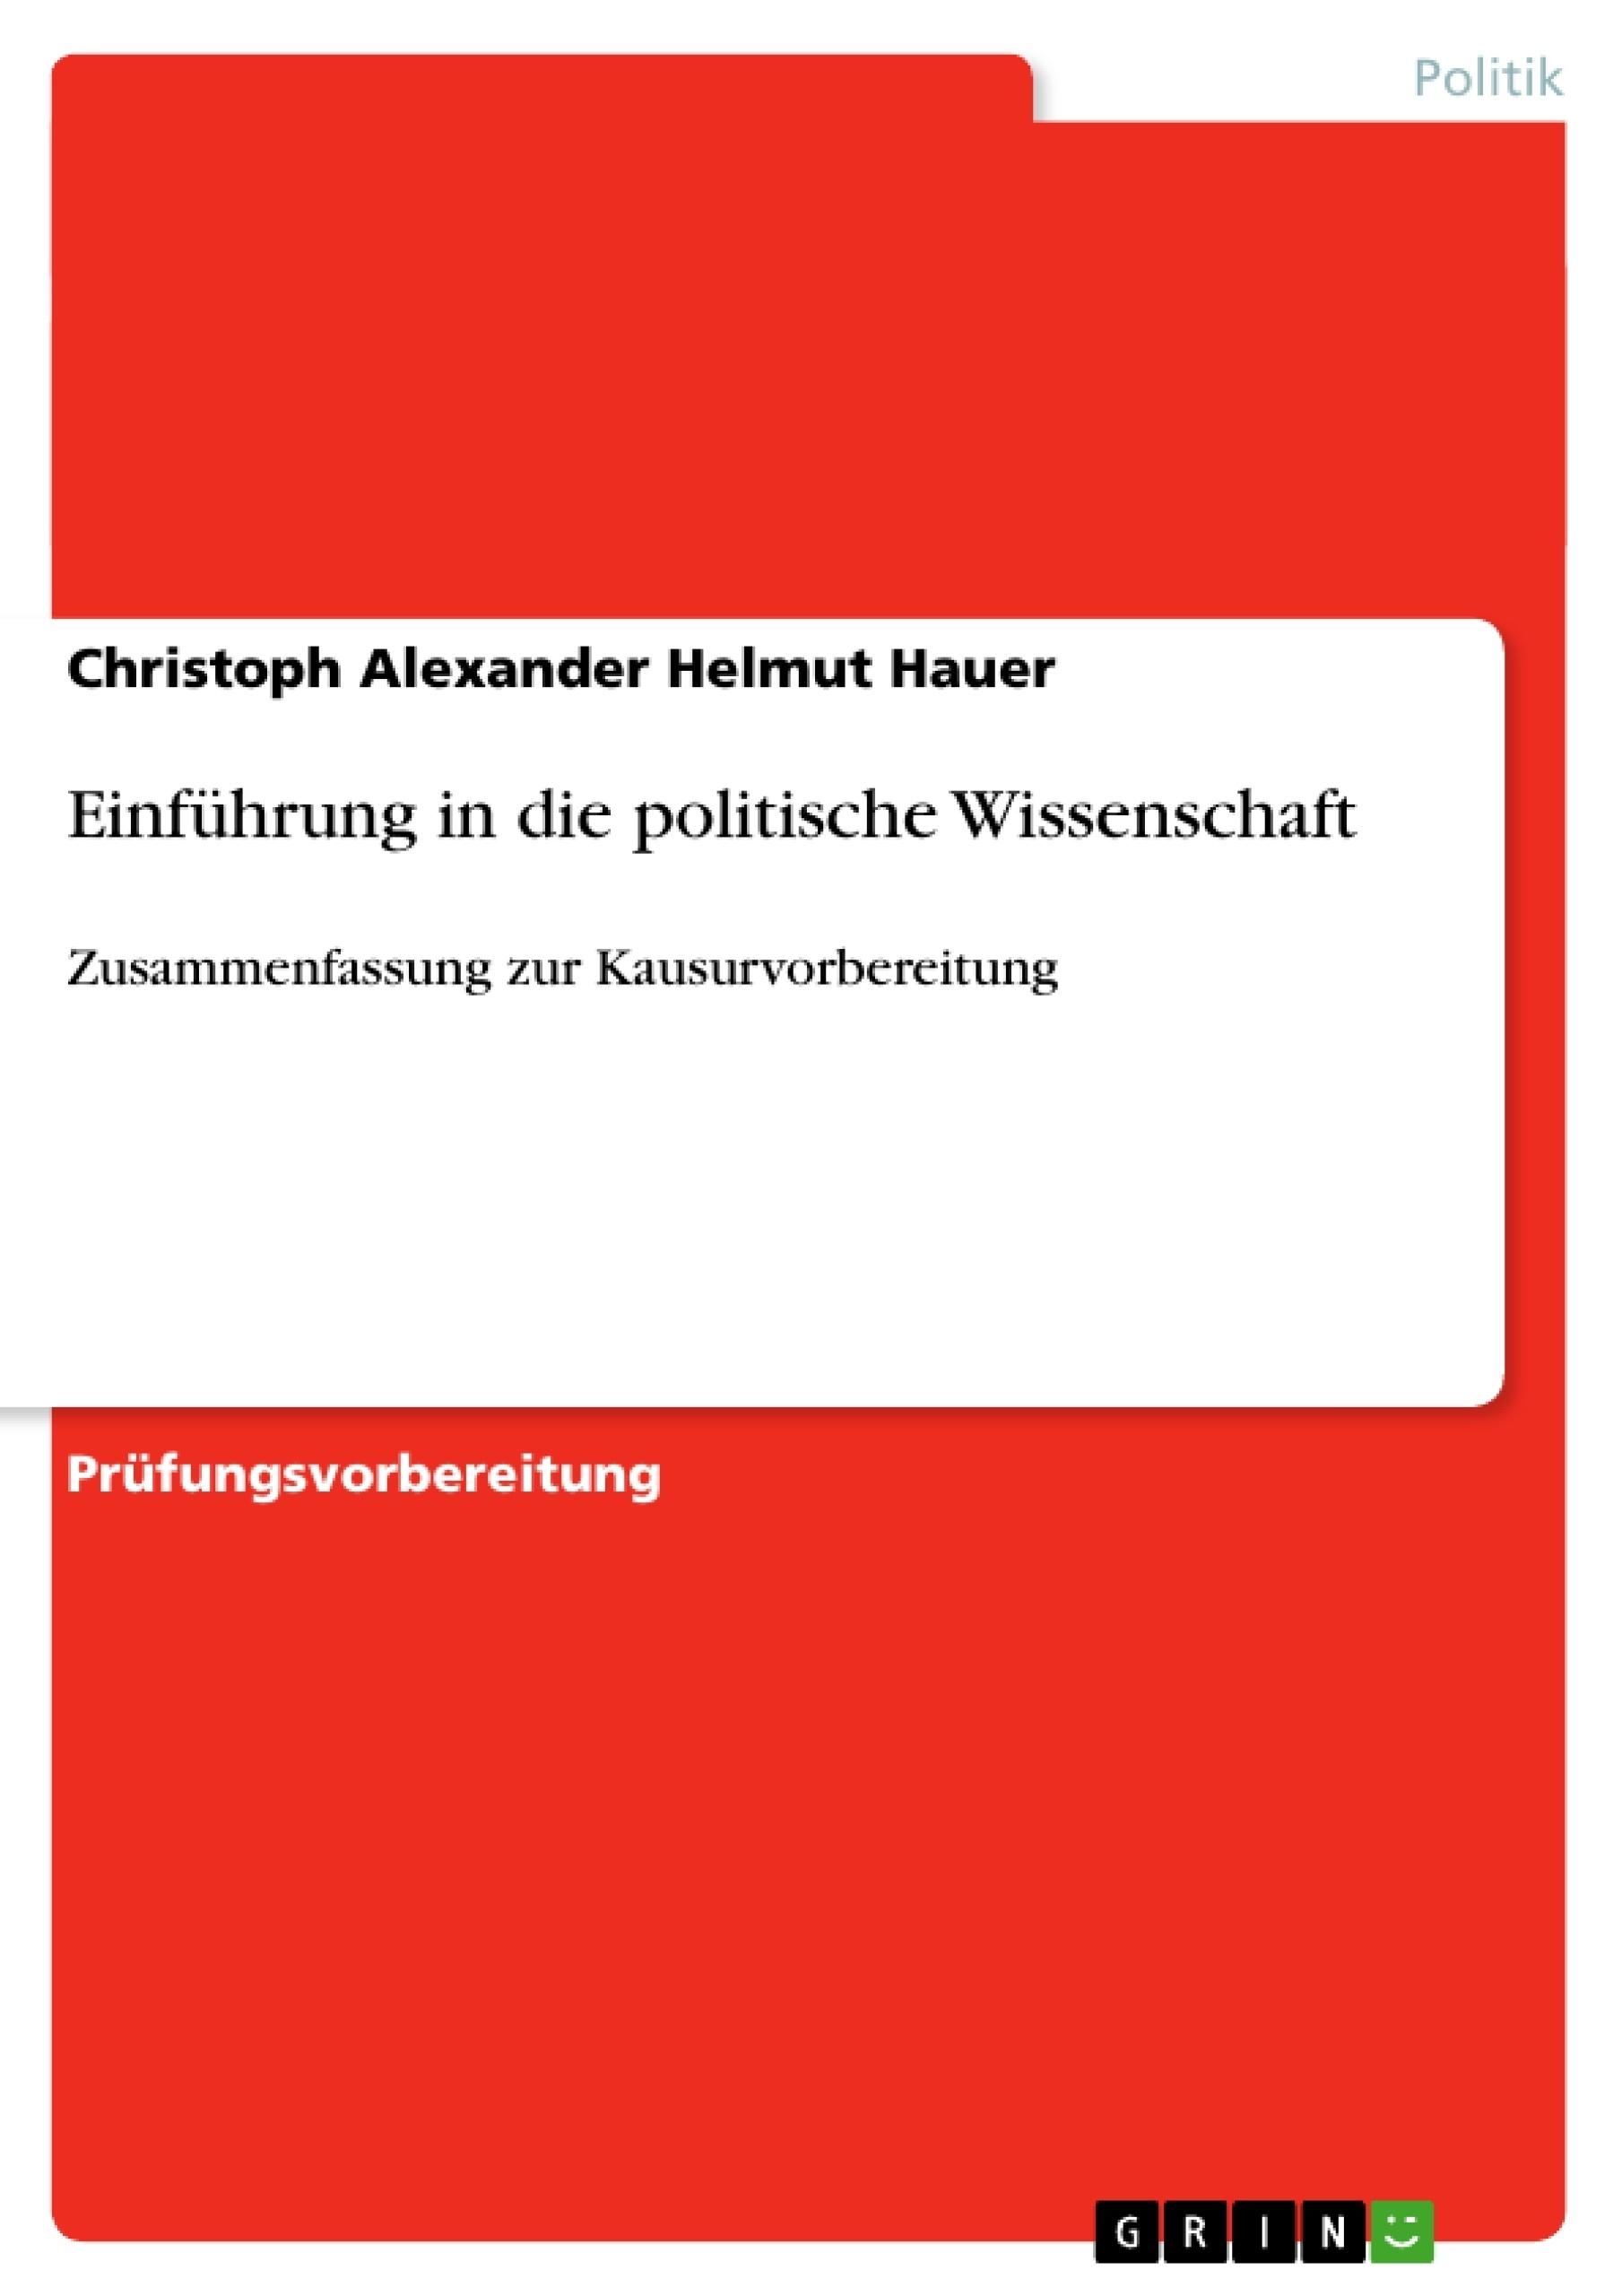 Titel: Einführung in die politische Wissenschaft